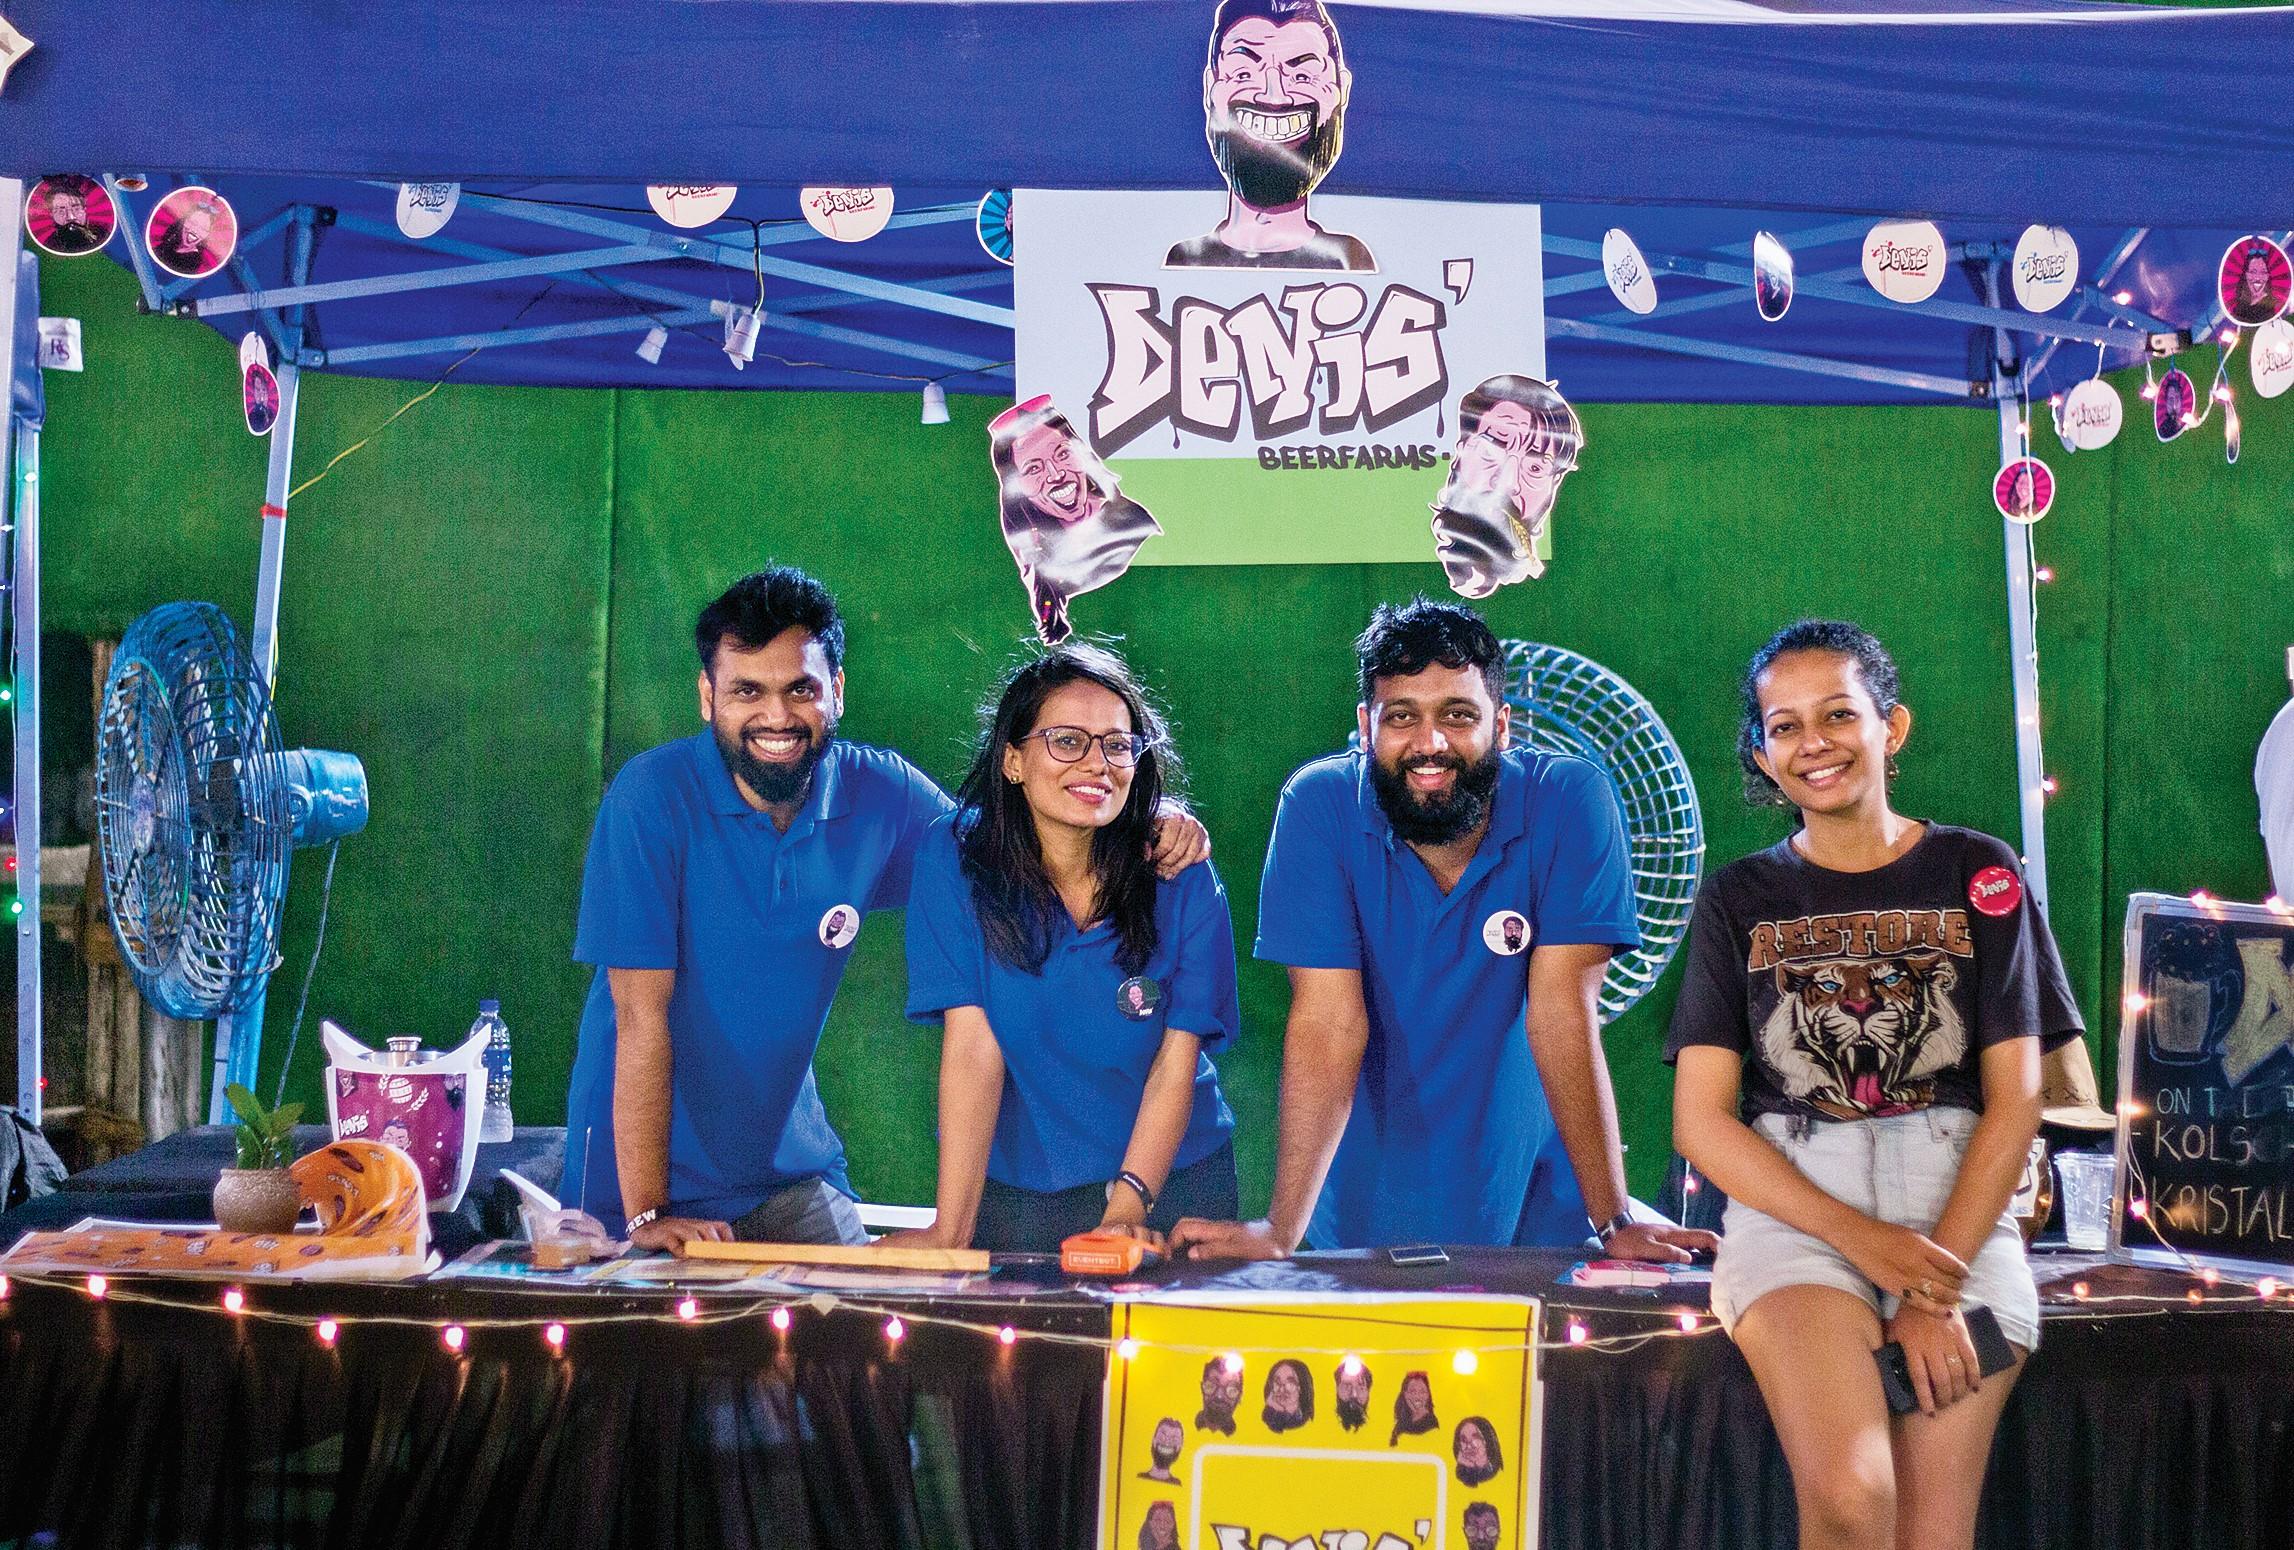 Denis Beer Farms team serving Beer at Mumbai Beer Festival 2019